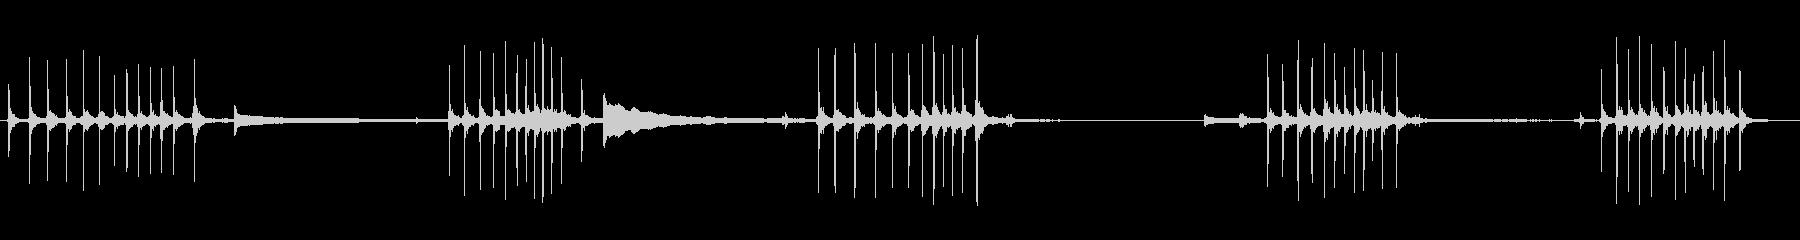 オルゴールの巻く音の未再生の波形